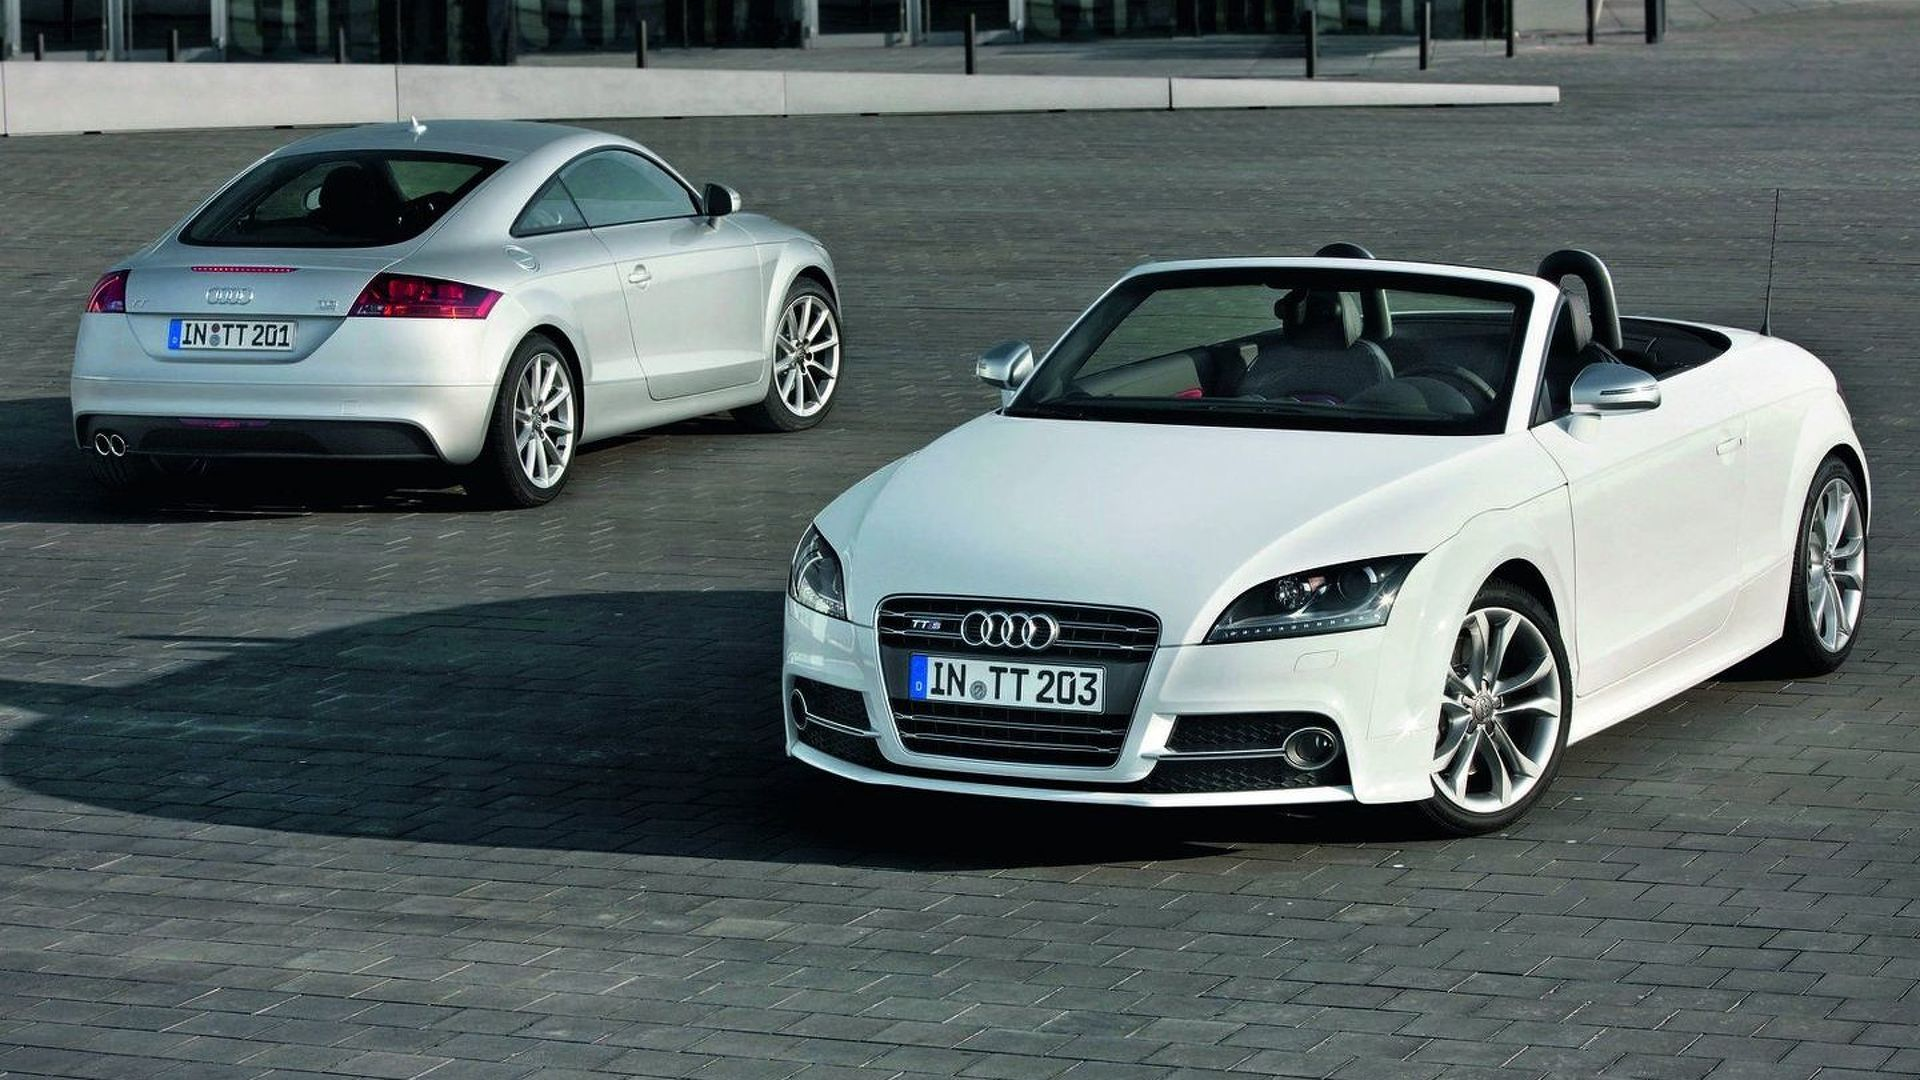 Kekurangan Audi Tt 2011 Top Model Tahun Ini